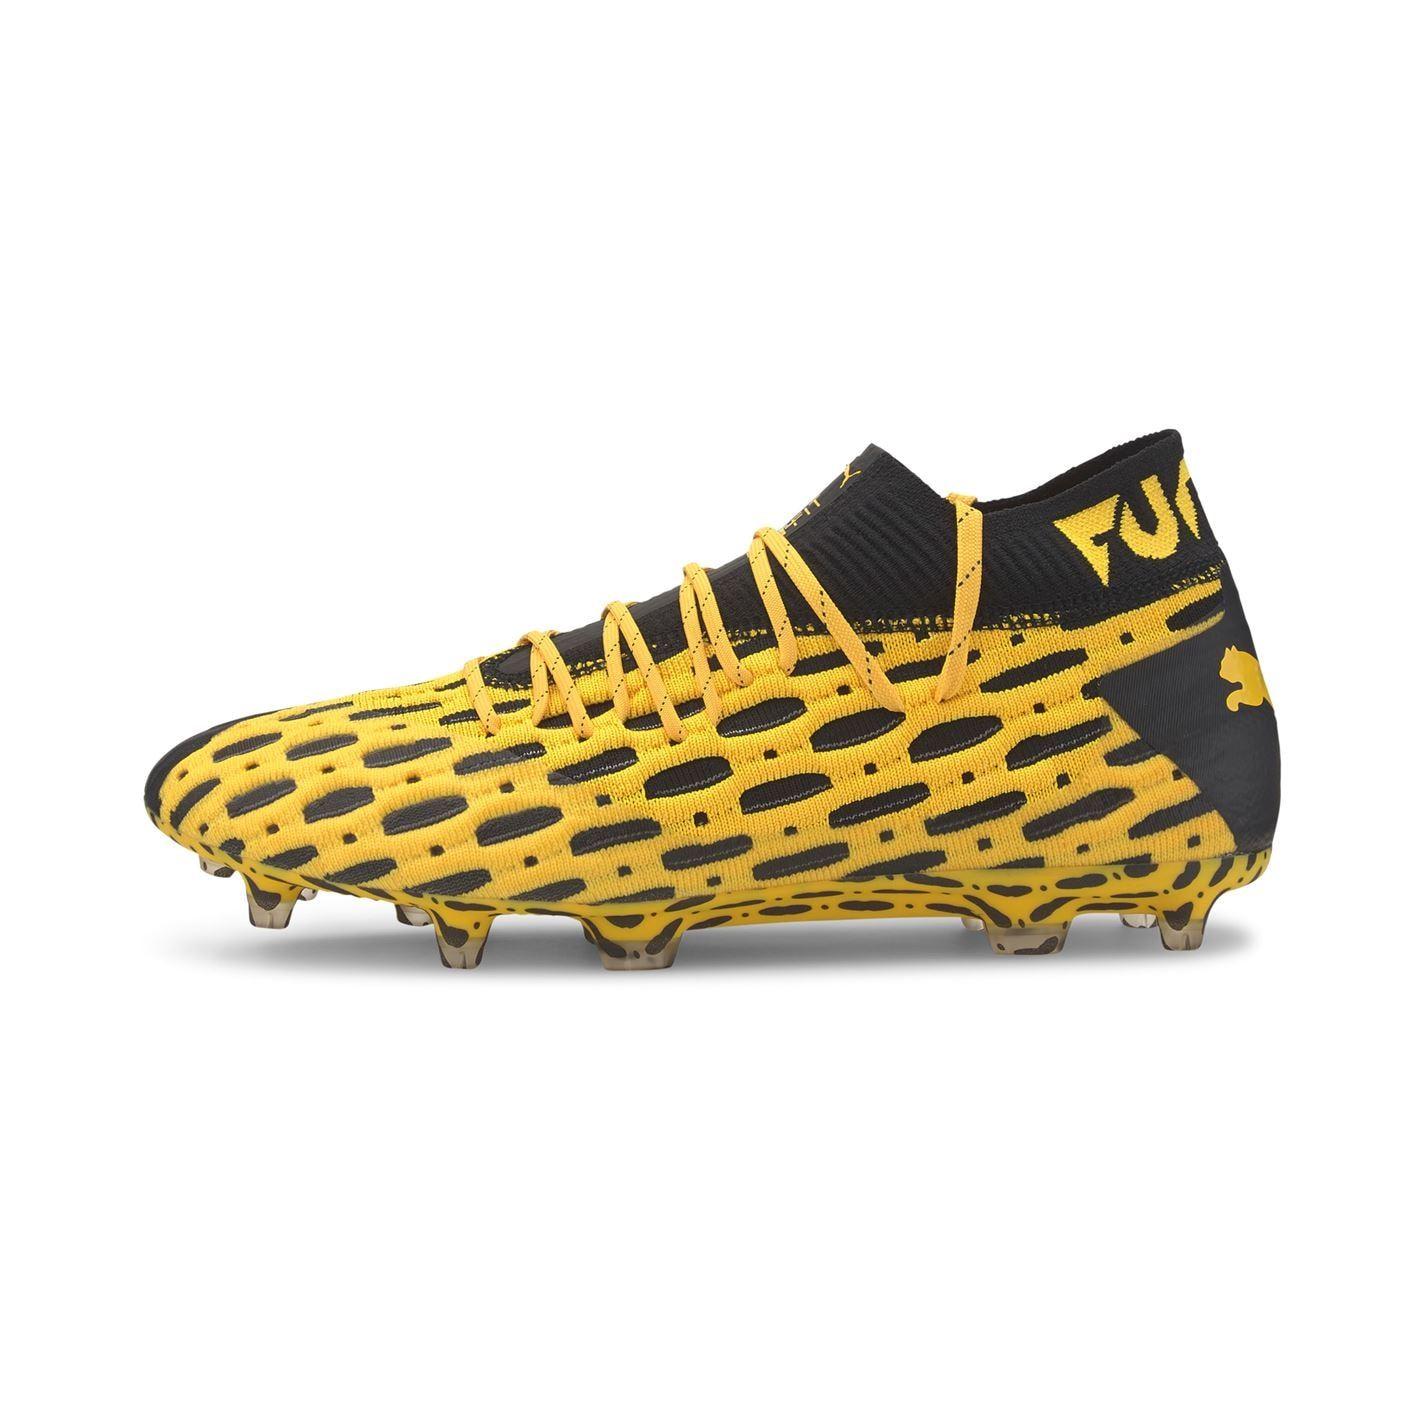 miniature 10 - Puma Future 5.1 Homme FG Firm Ground Chaussures De Football Chaussures de Foot Crampons Baskets